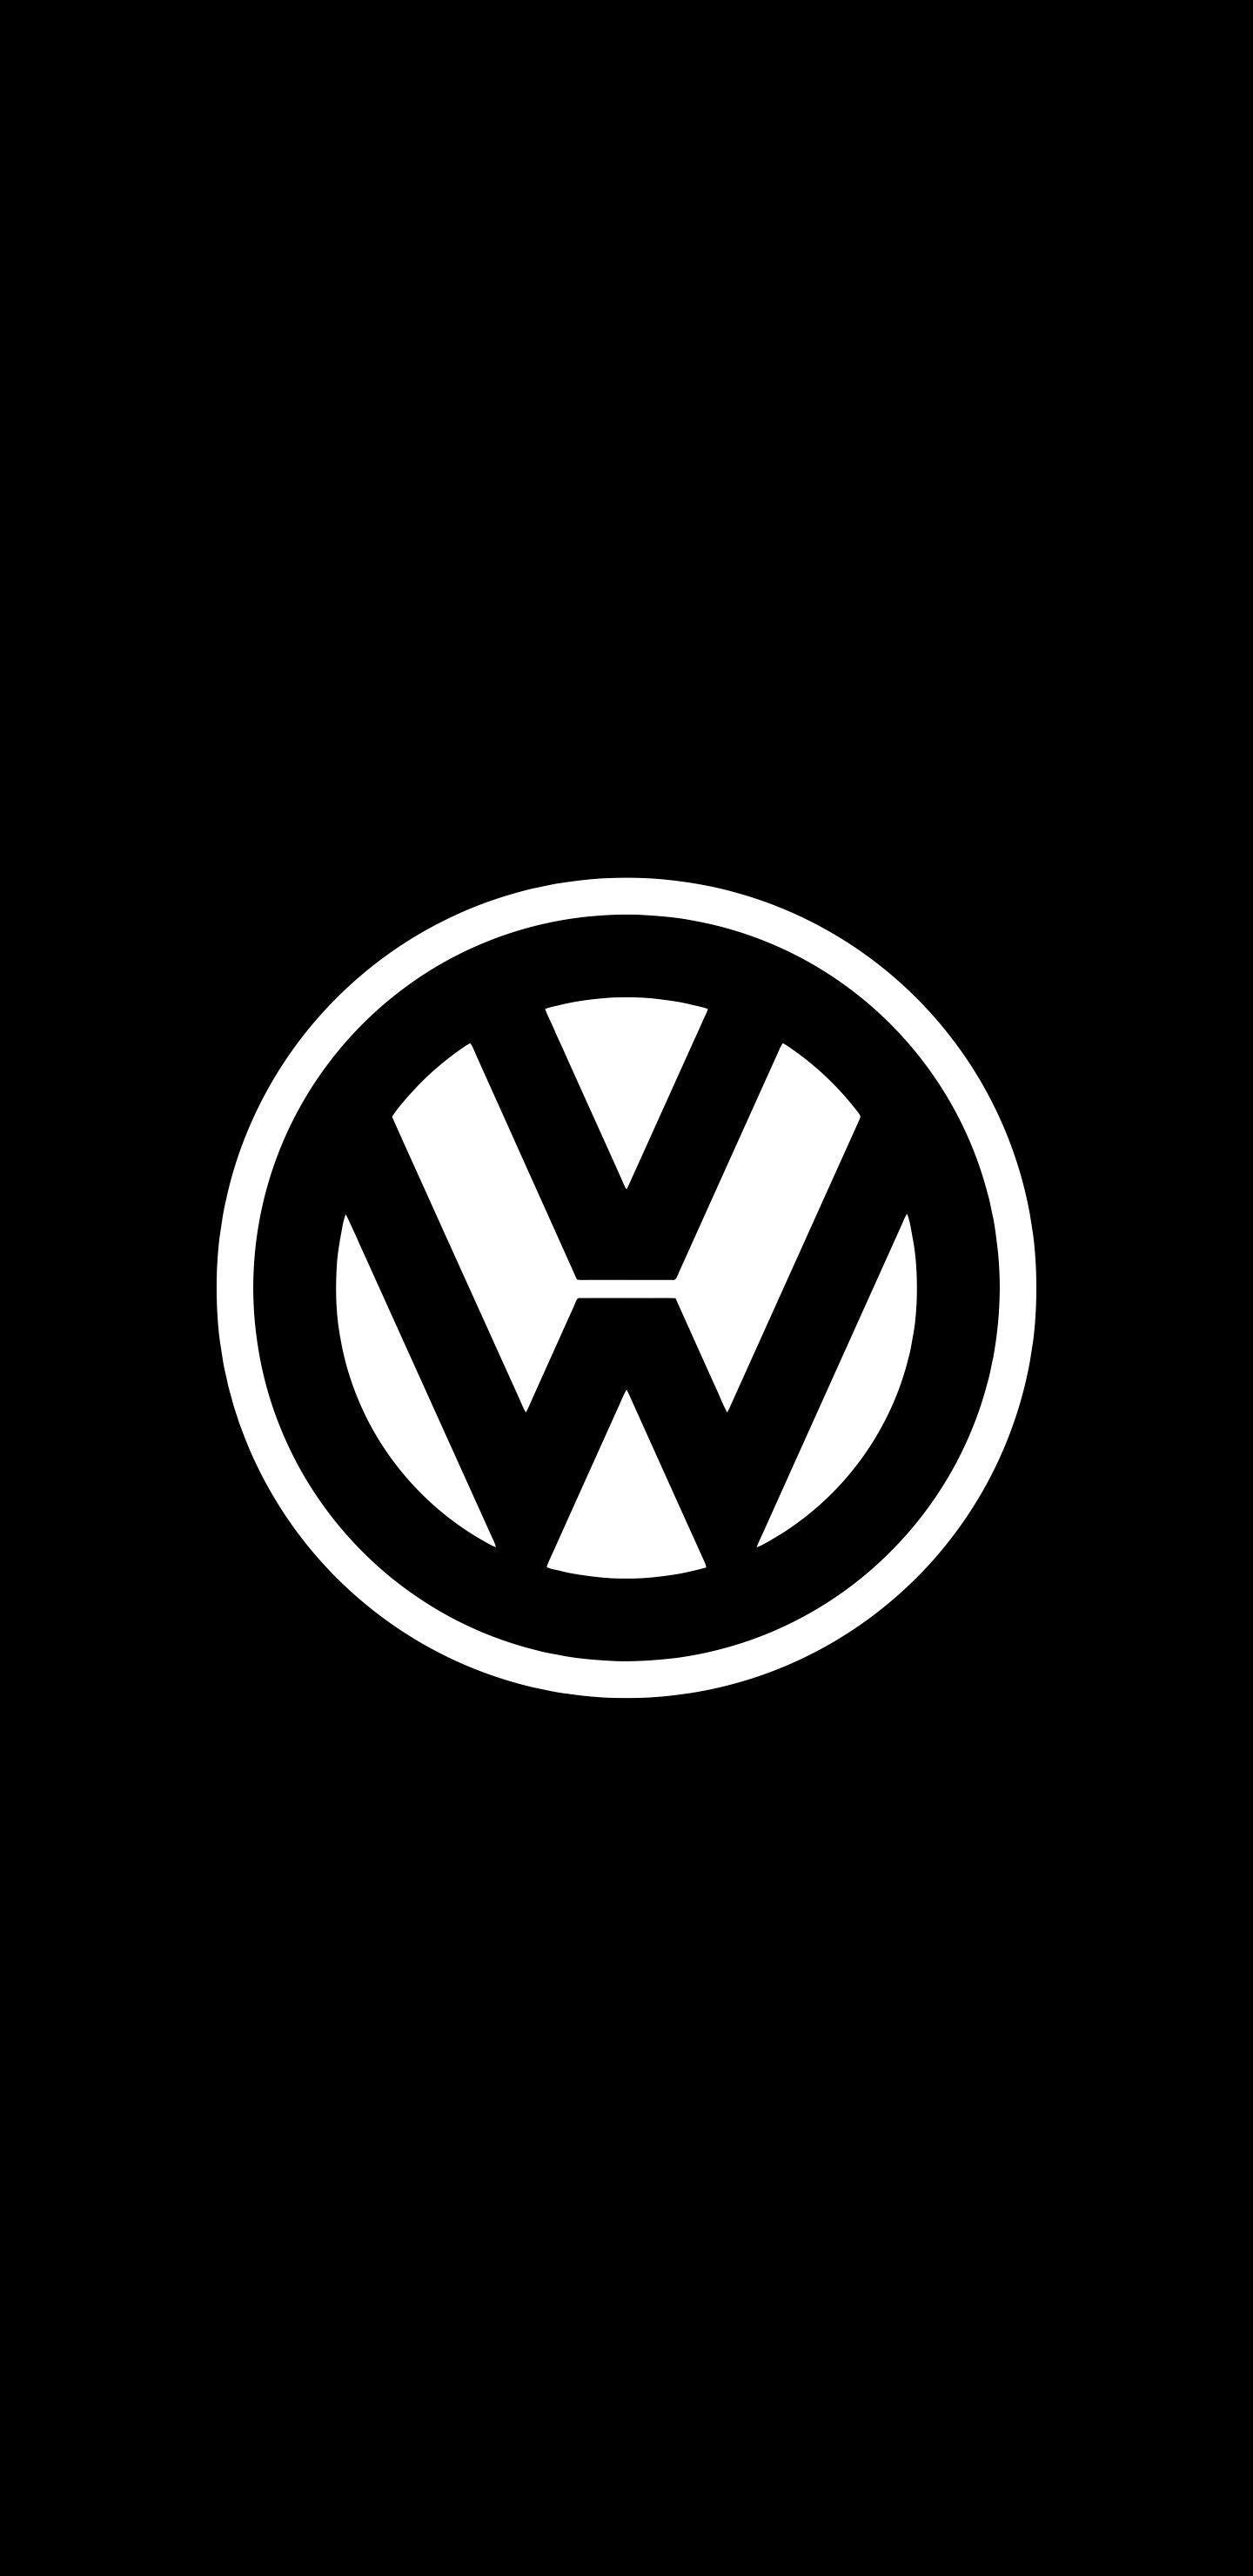 Volkswagen Logo Wallpapers Wallpaper Cave